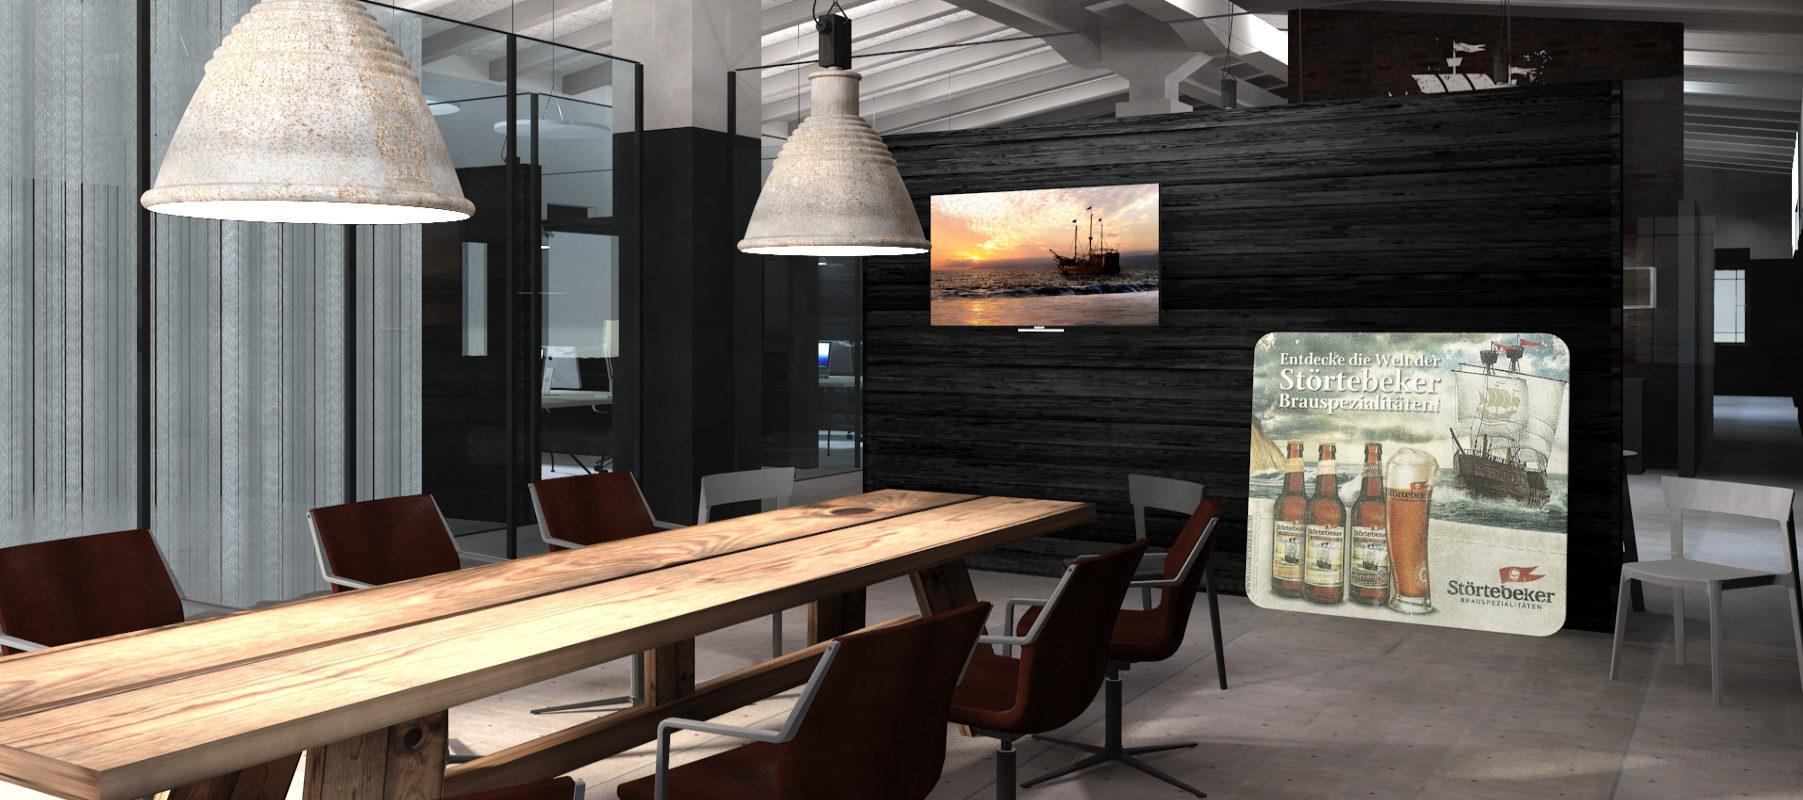 Interiordesign Einrichtung Konferenzraum